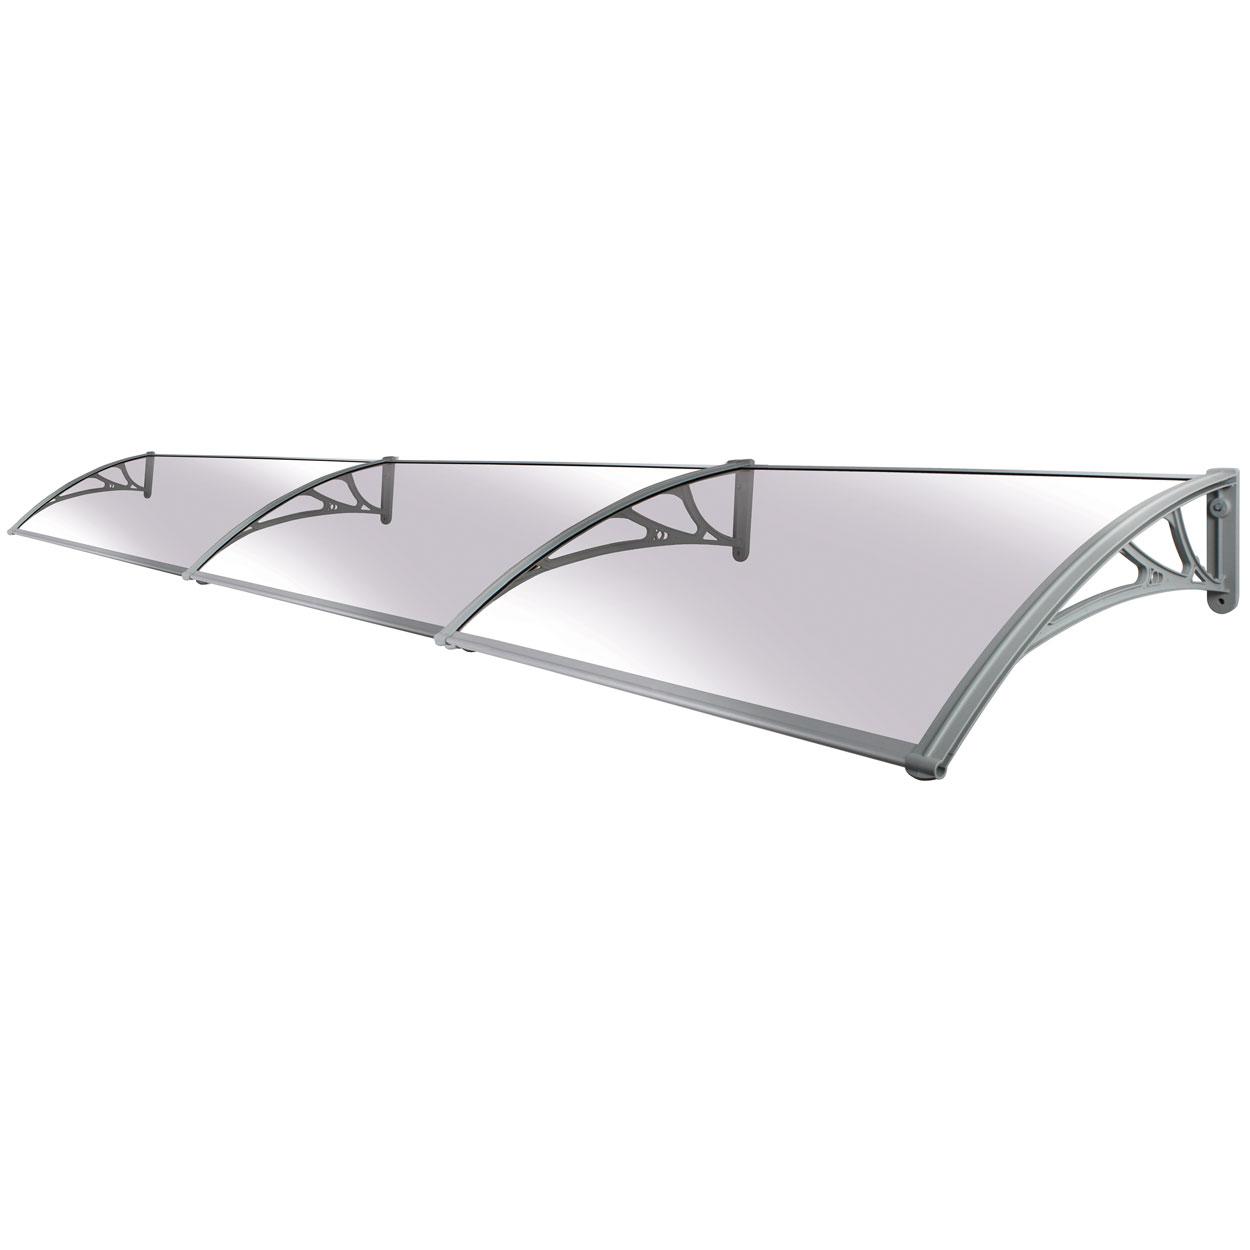 Coopers Door Canopy Extension Kit